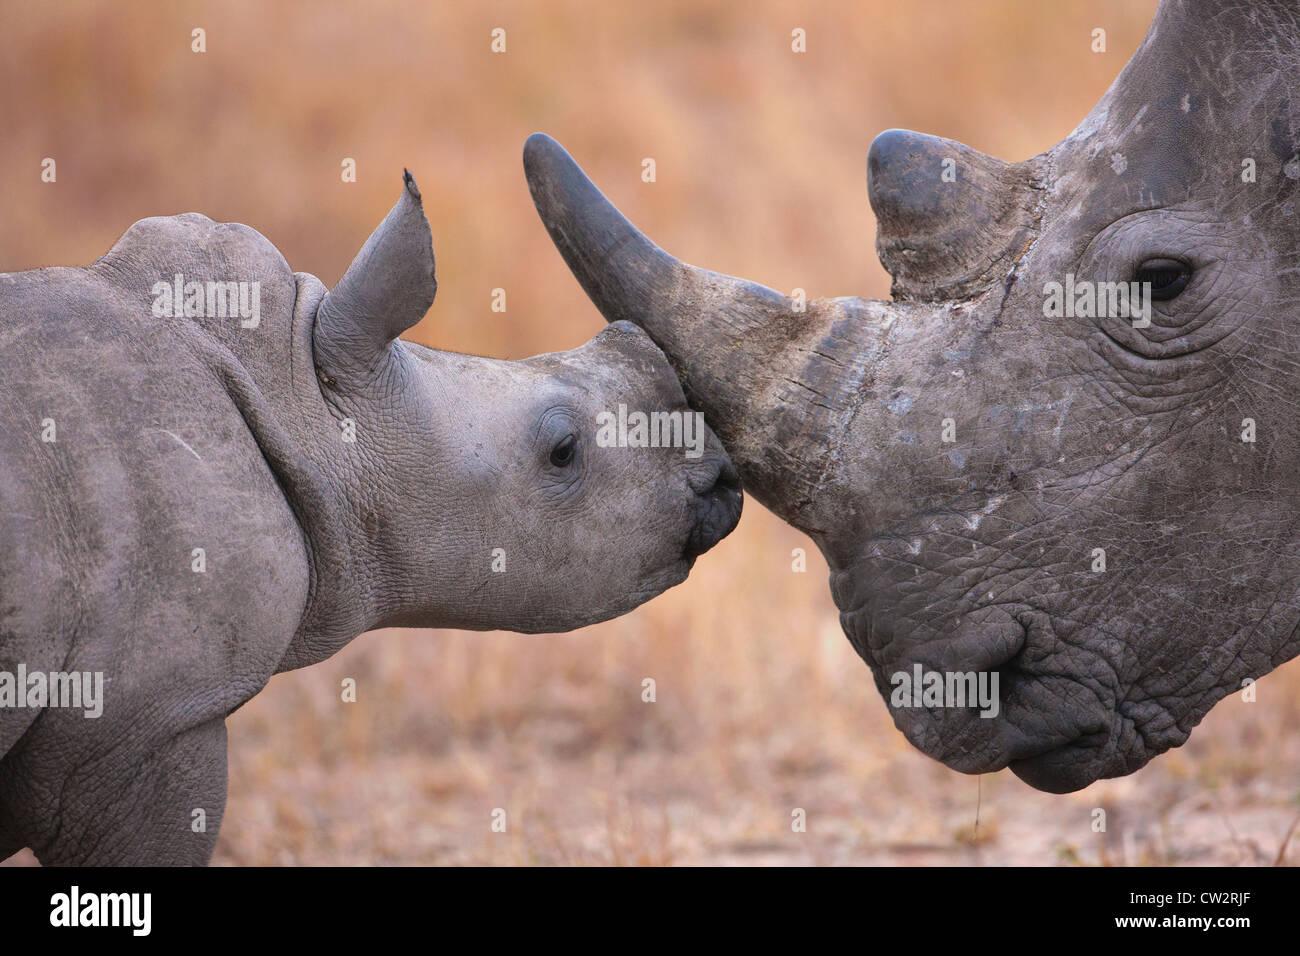 Baby rinoceronte bianco nuzzling sua madre Immagini Stock